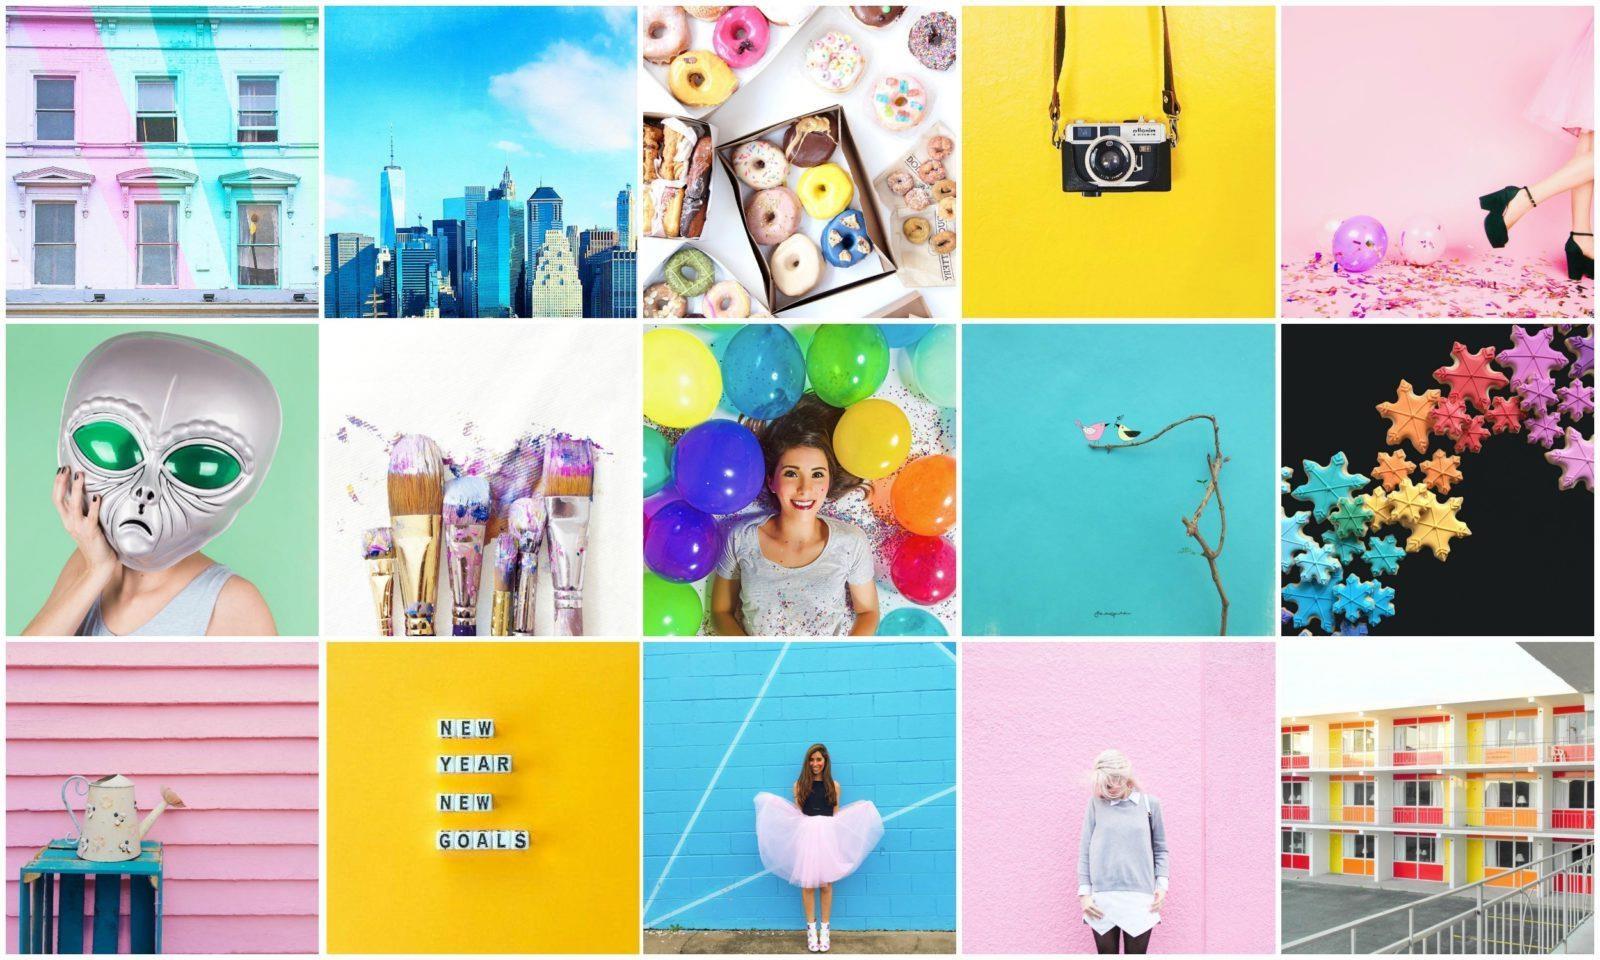 яркие фотографии в instagram для получения лайков